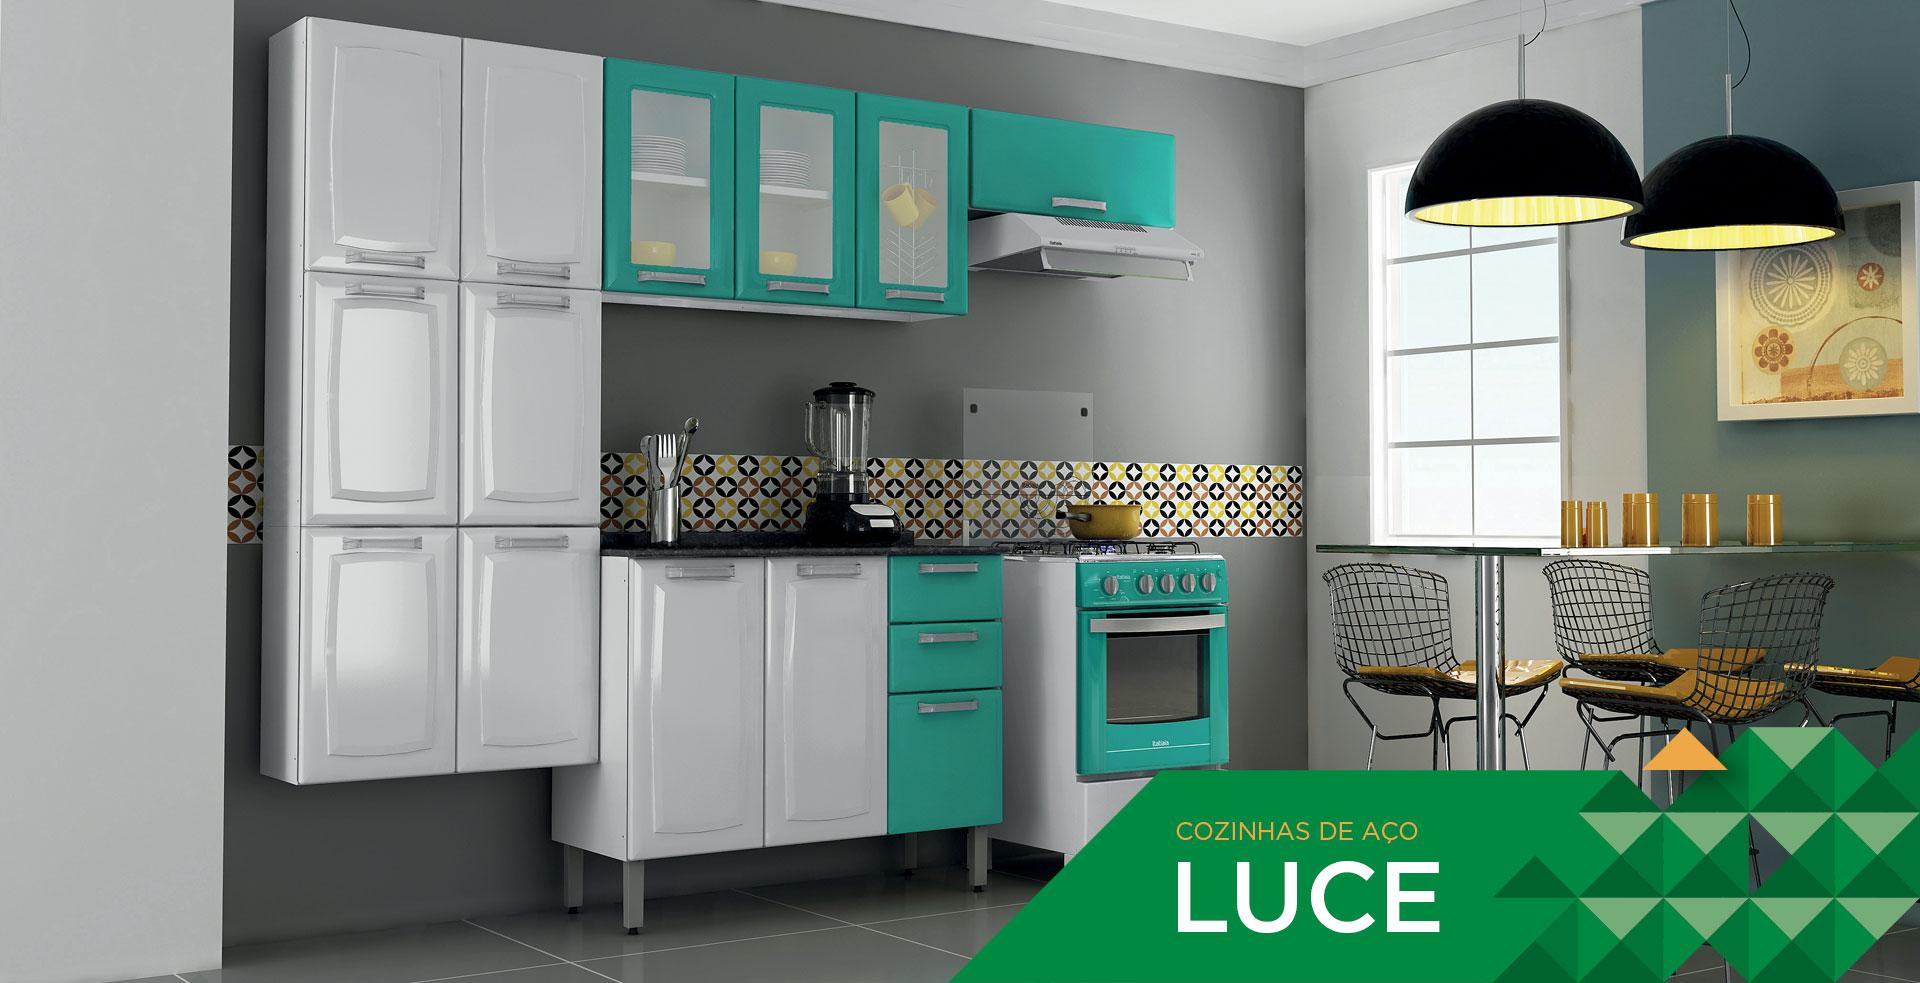 Cozinhas de Aço Luce Cozinhas Itatiaia #0B7C3E 1920 983